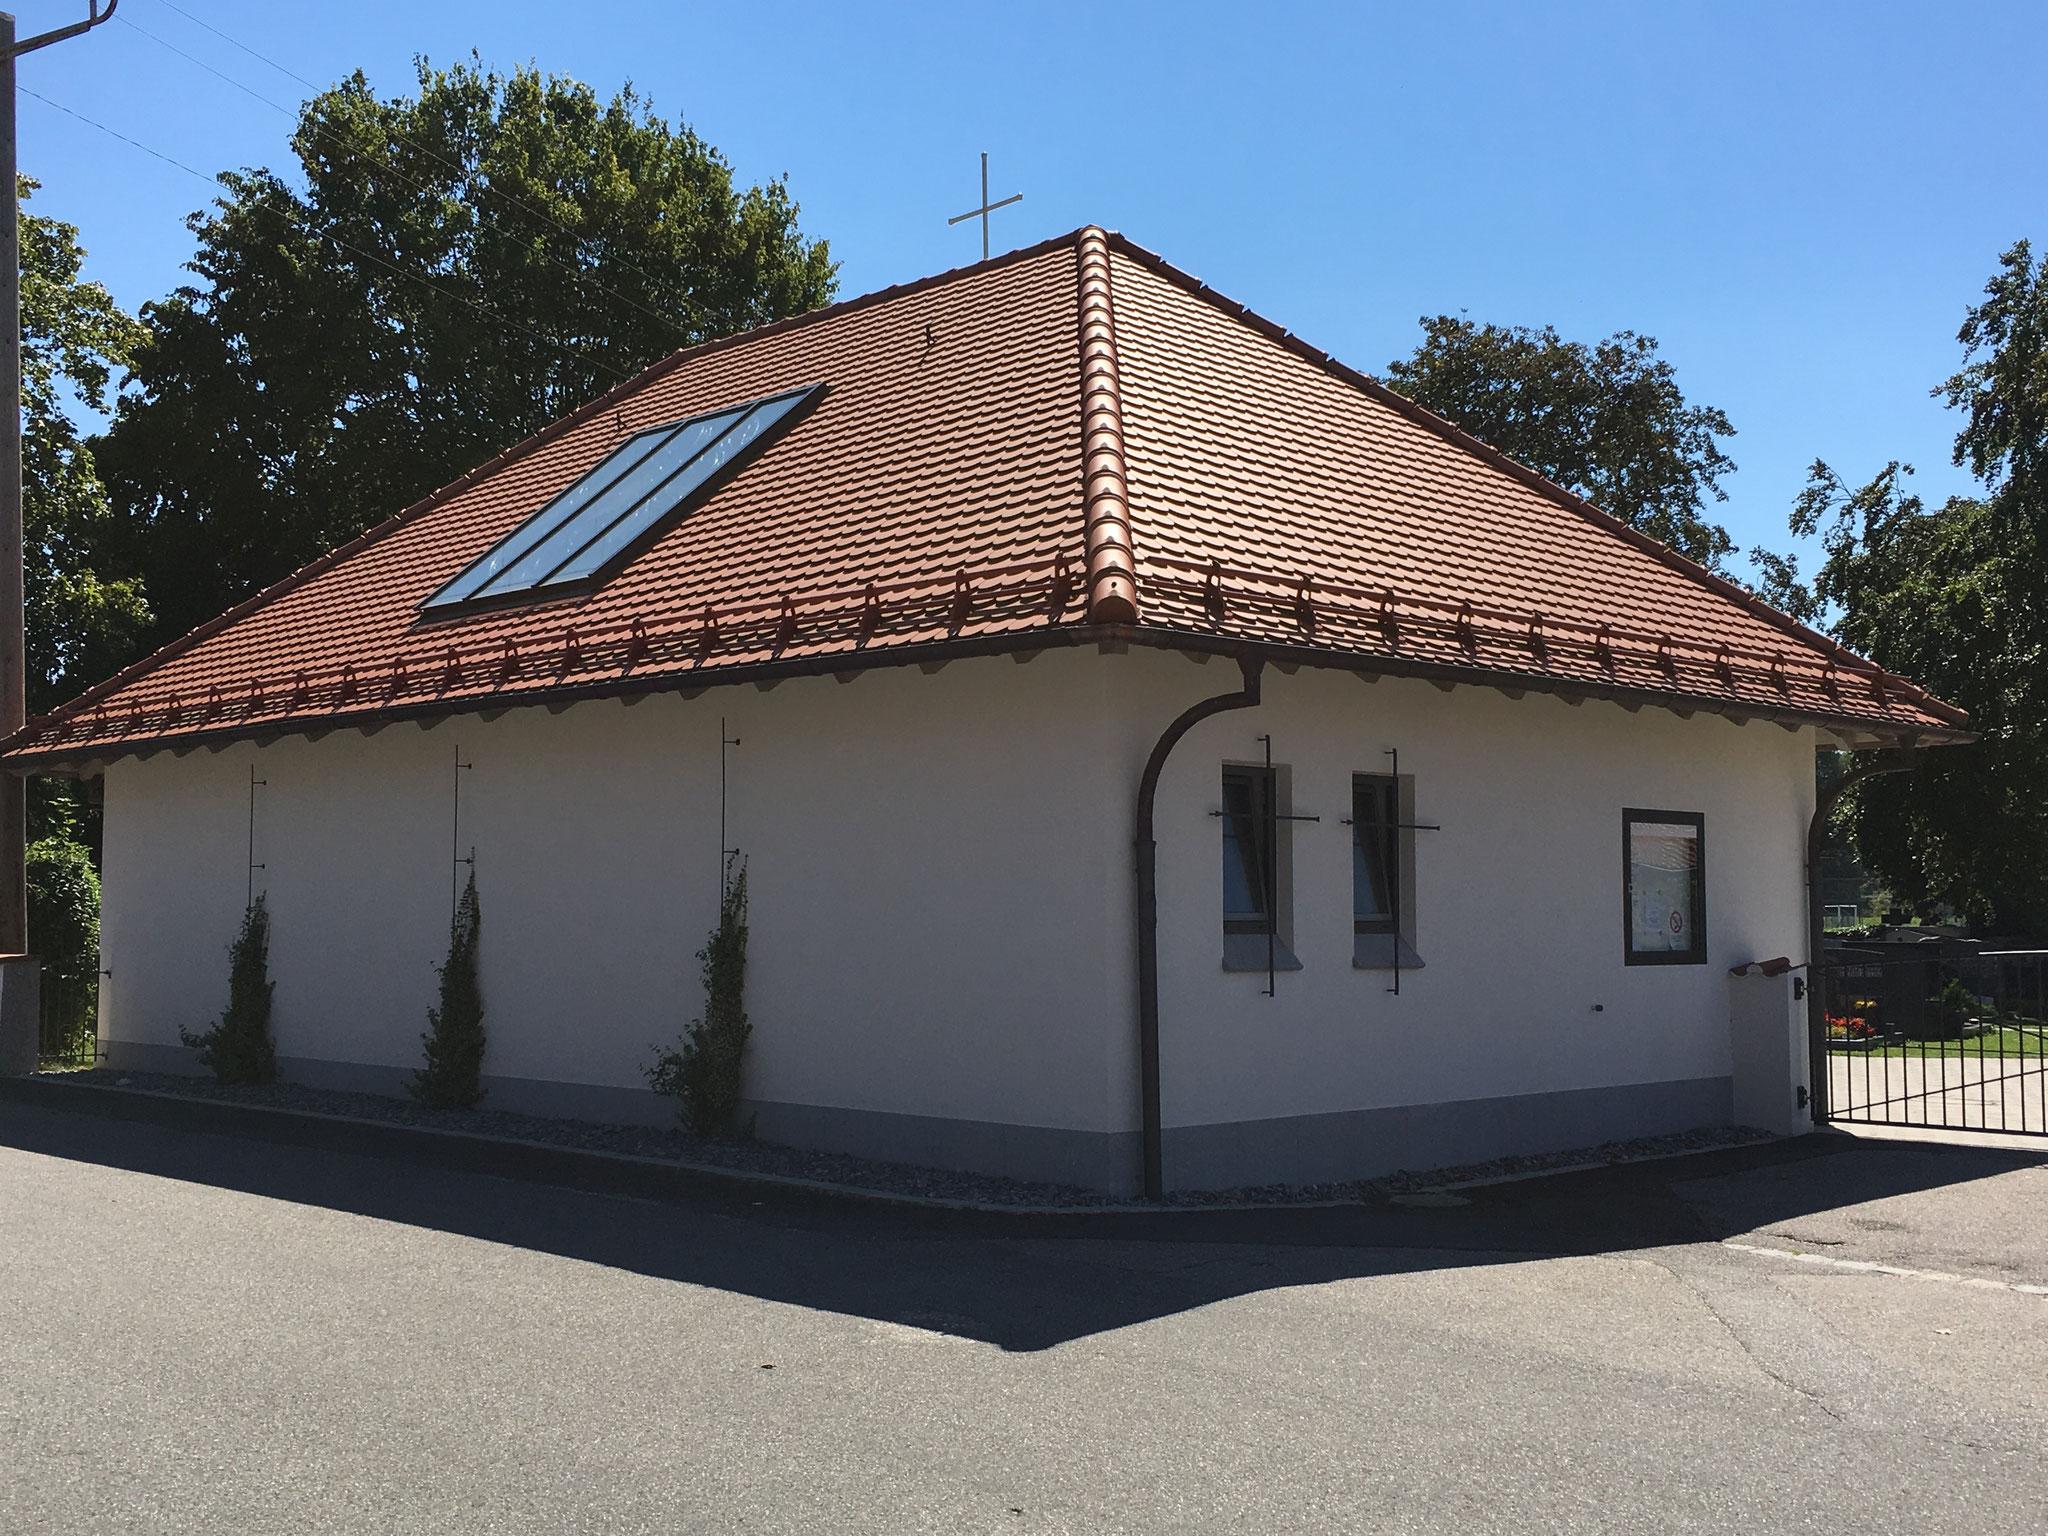 Neubau Aussegnungshalle, Niederaichbach 2013